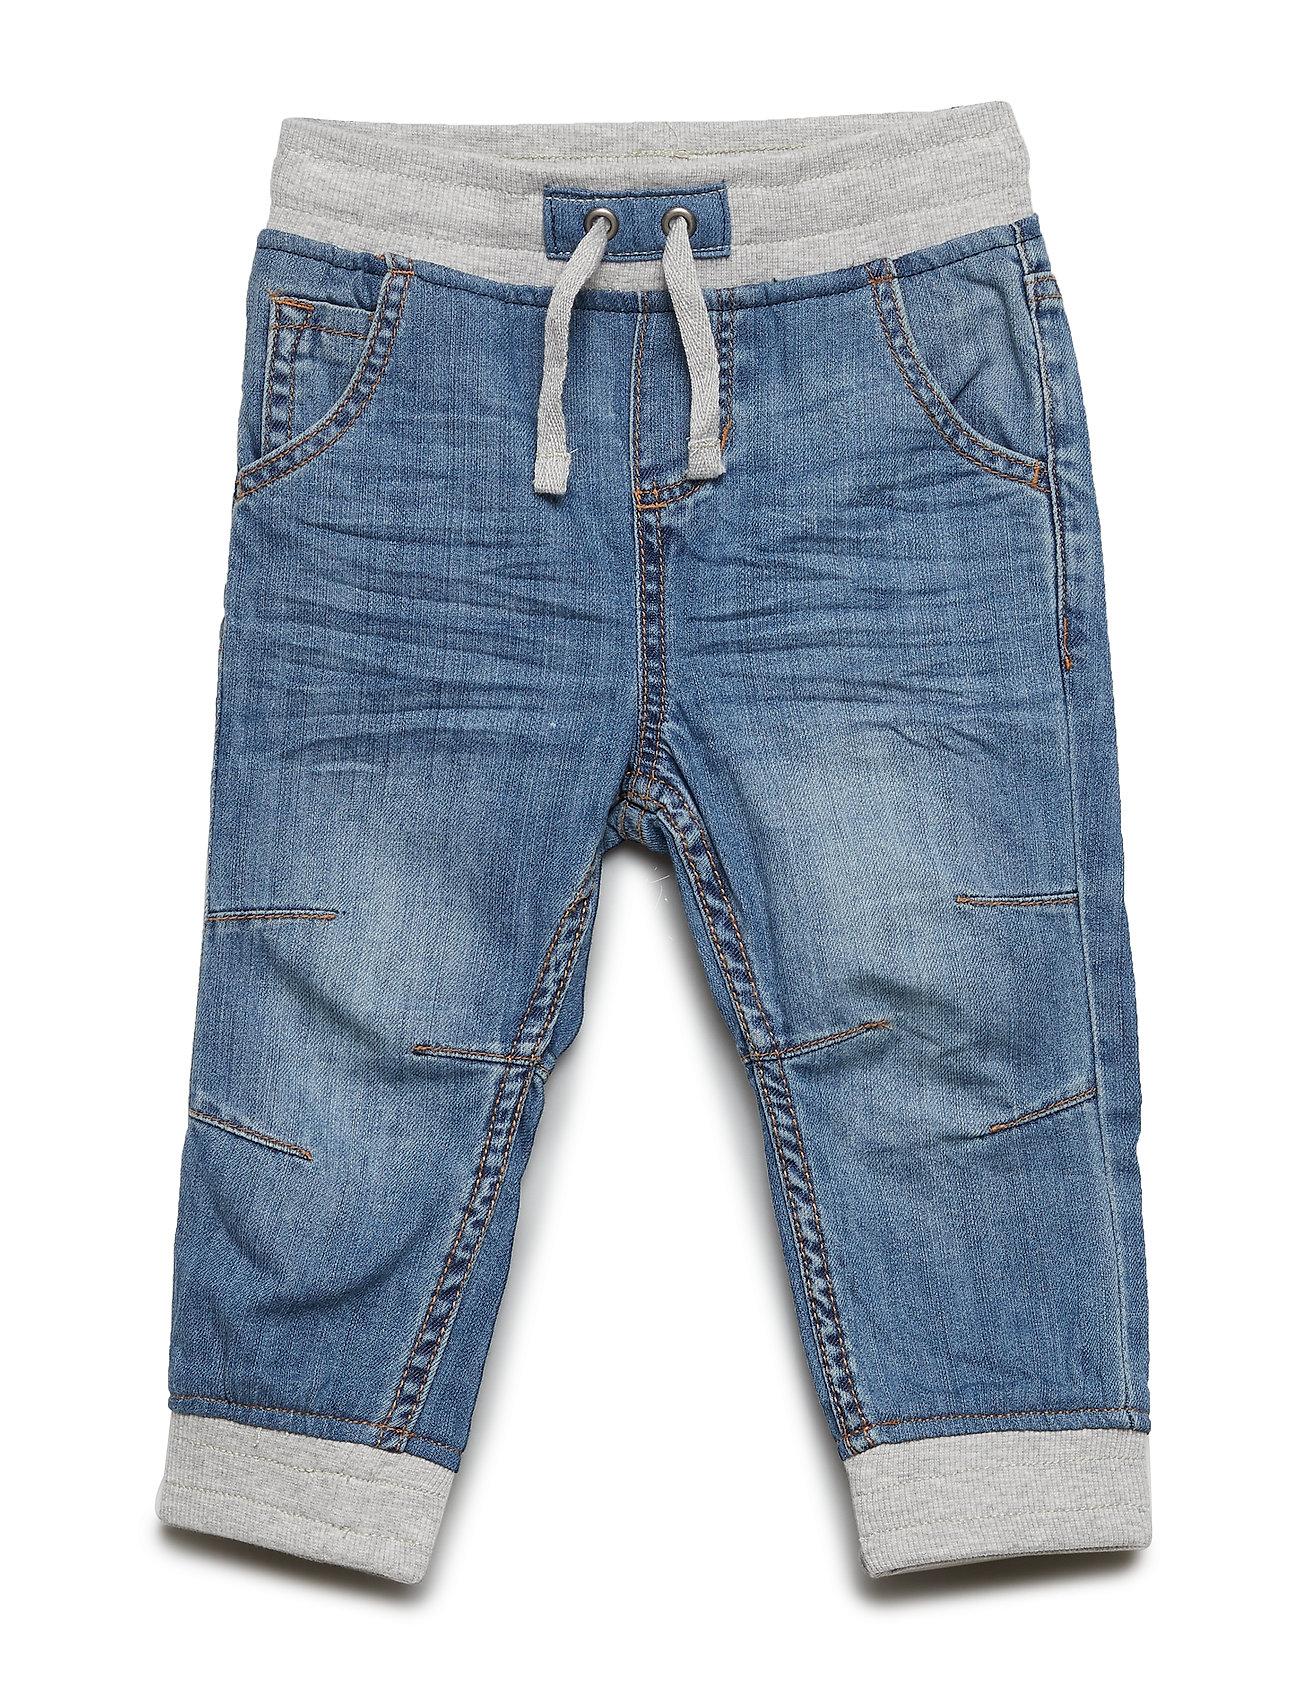 Polarn O. Pyret Jeans w. Rib Cuff Preschool